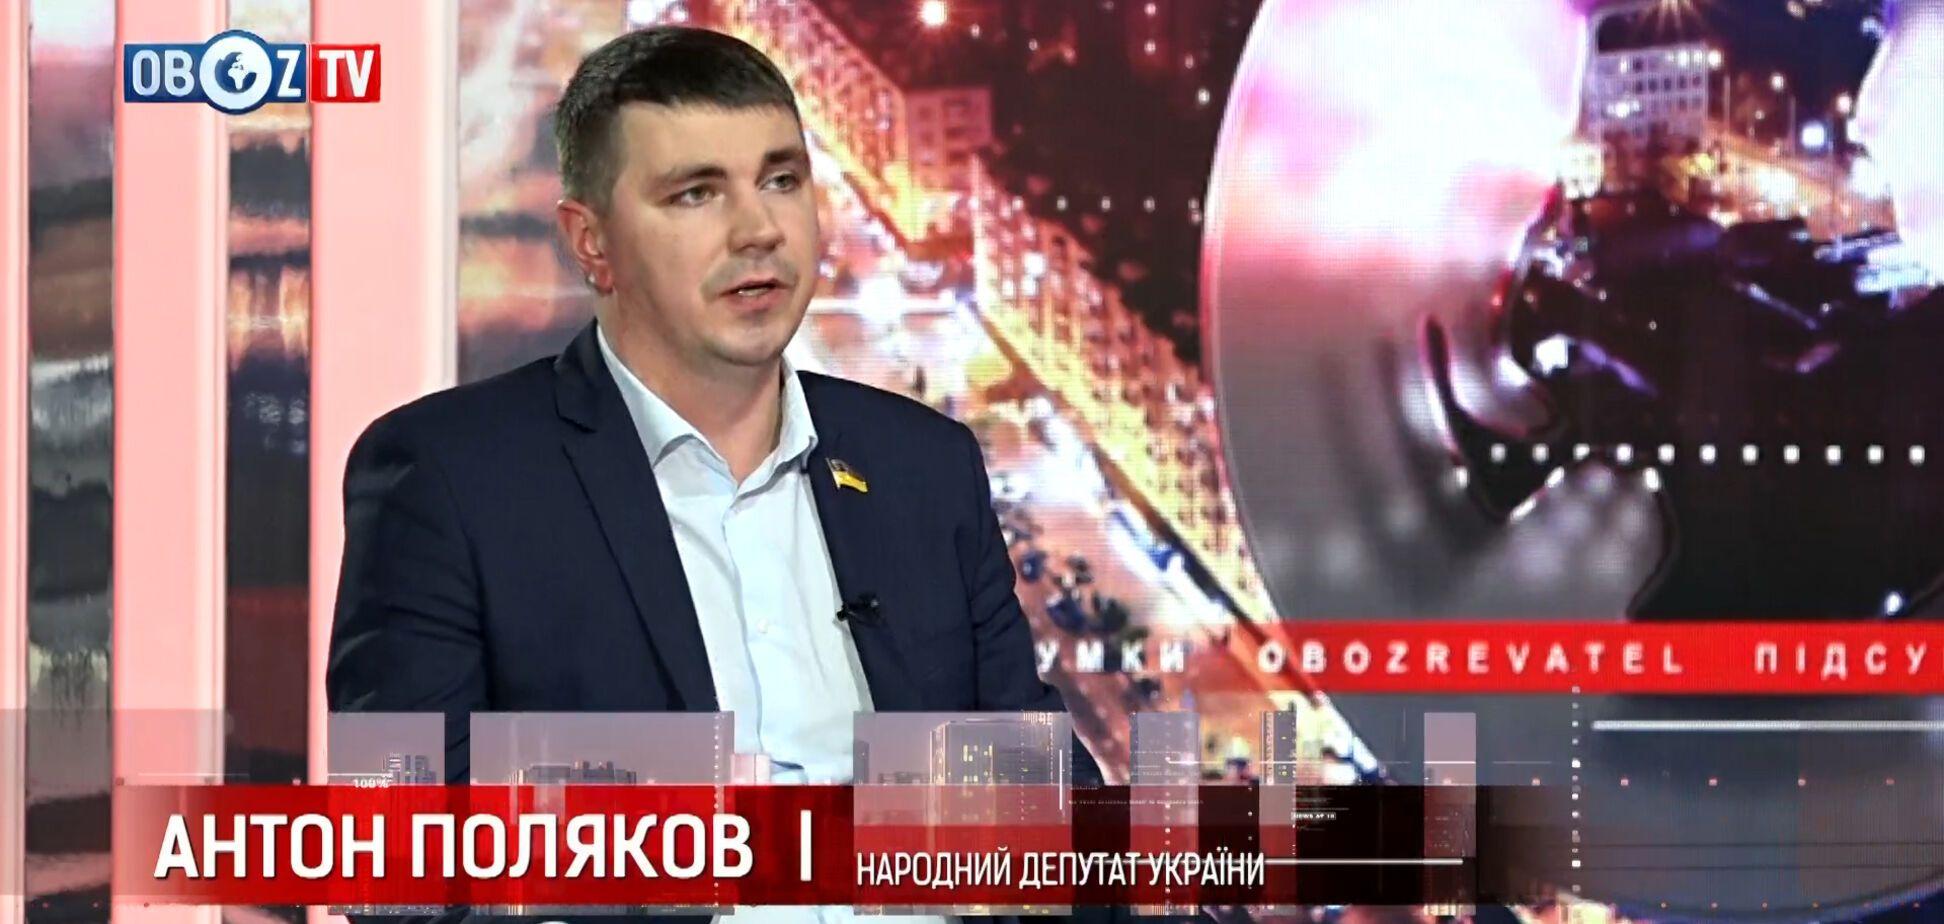 Зеленский хочет уволить Рябошапку: Антон Поляков